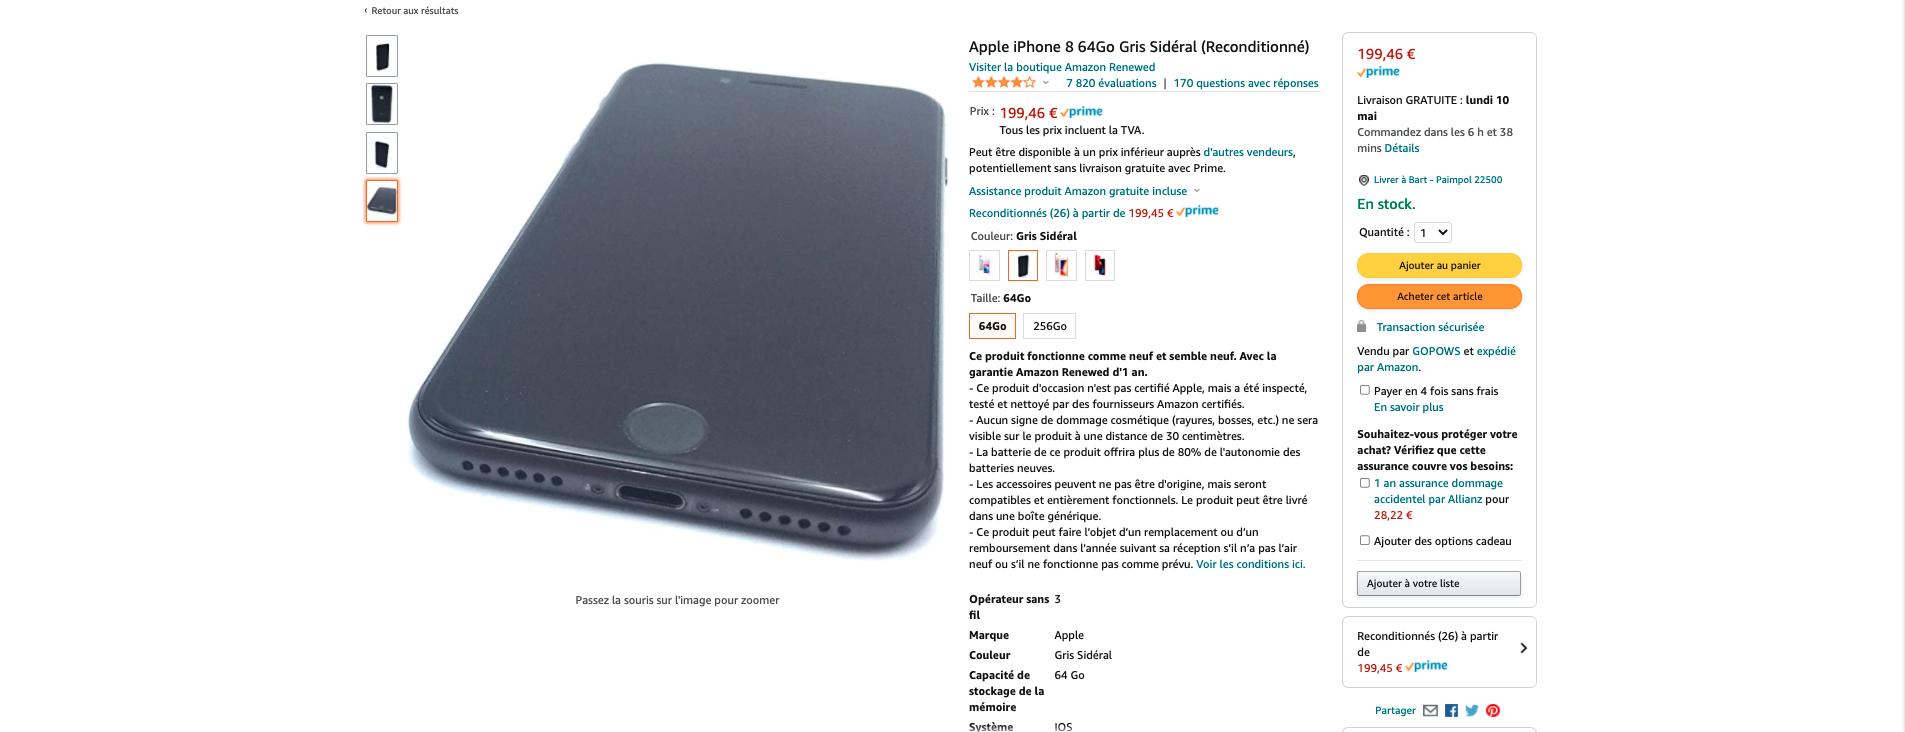 iPhone 8 reconditionné Amazon renewed